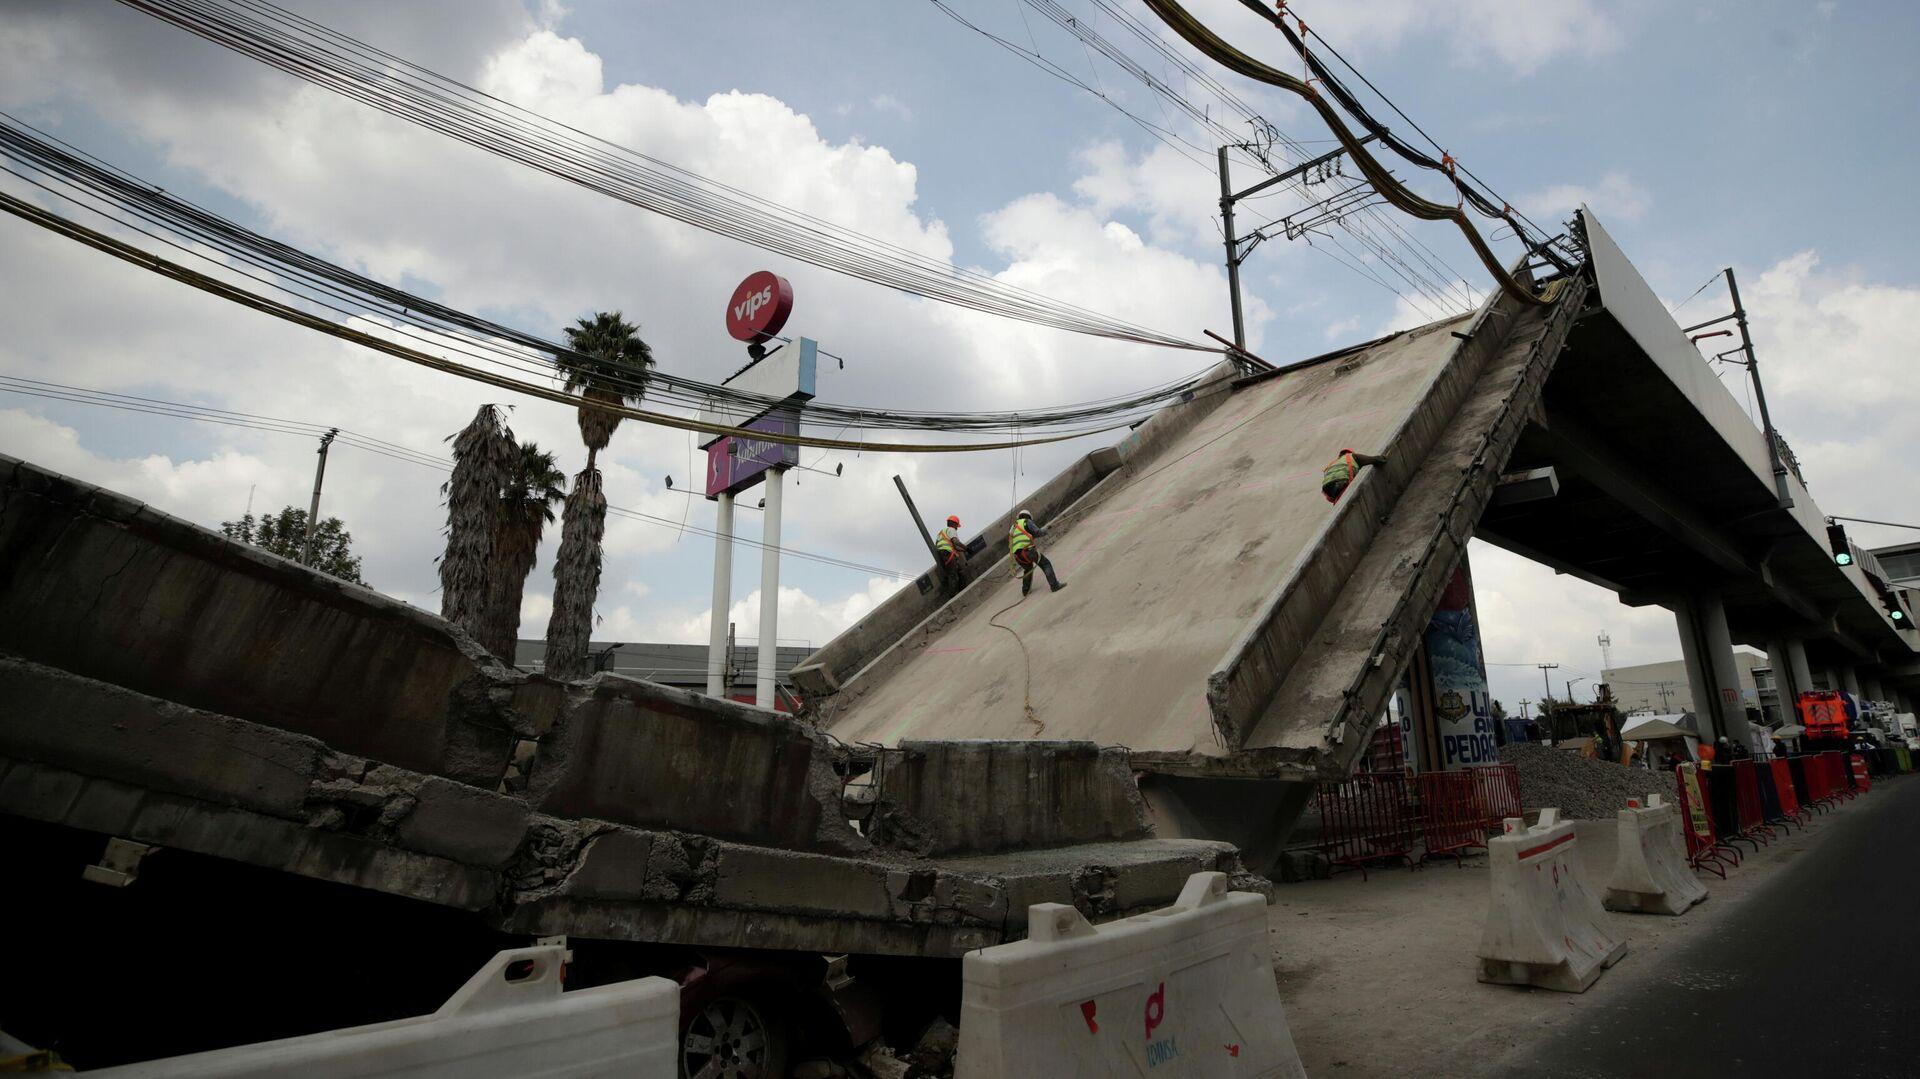 Desplome del metro en México - Sputnik Mundo, 1920, 23.06.2021